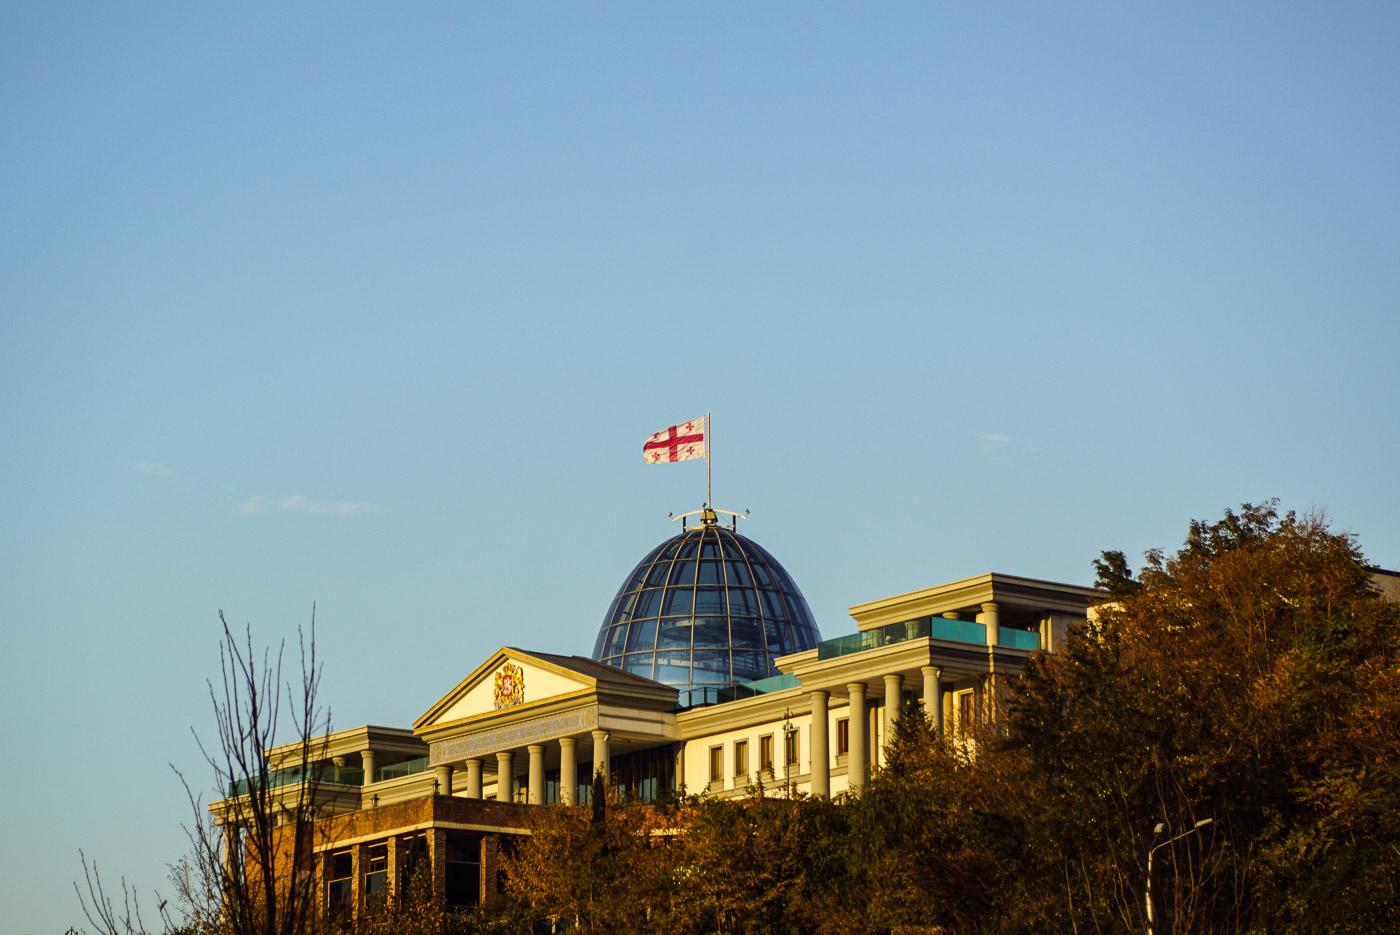 Zu sehen ist der Präsidentenpalast in Georgien Tbilisi. Auf seiner gläsernen Kuppel, ähnlich der des Reichstages, weht die georgische Flagge. Das ganze Gebäude ist in ein wunderschönes Licht durch die untergehende Sonne getaucht.